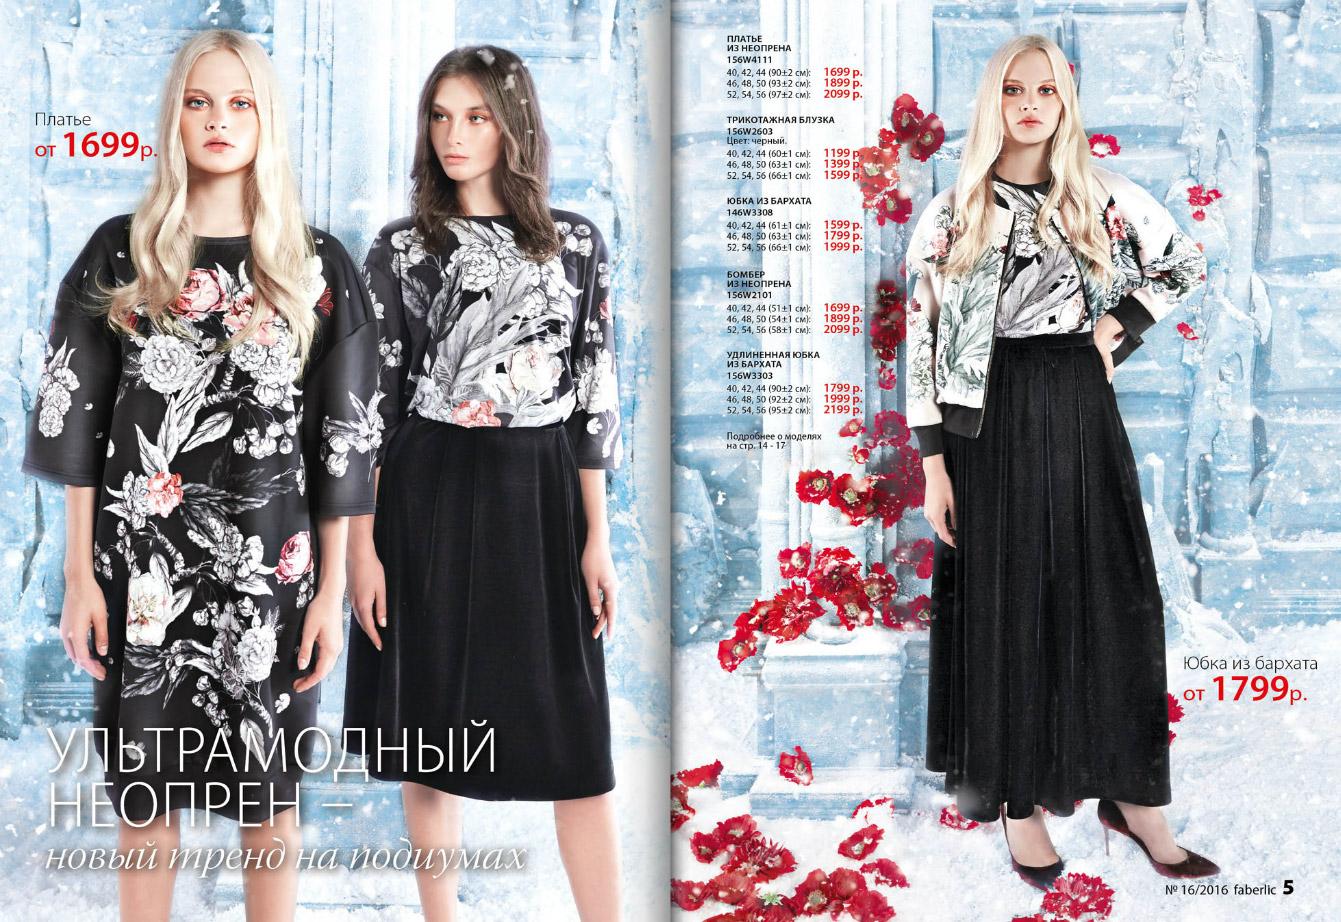 alena-ahmadyllina-01